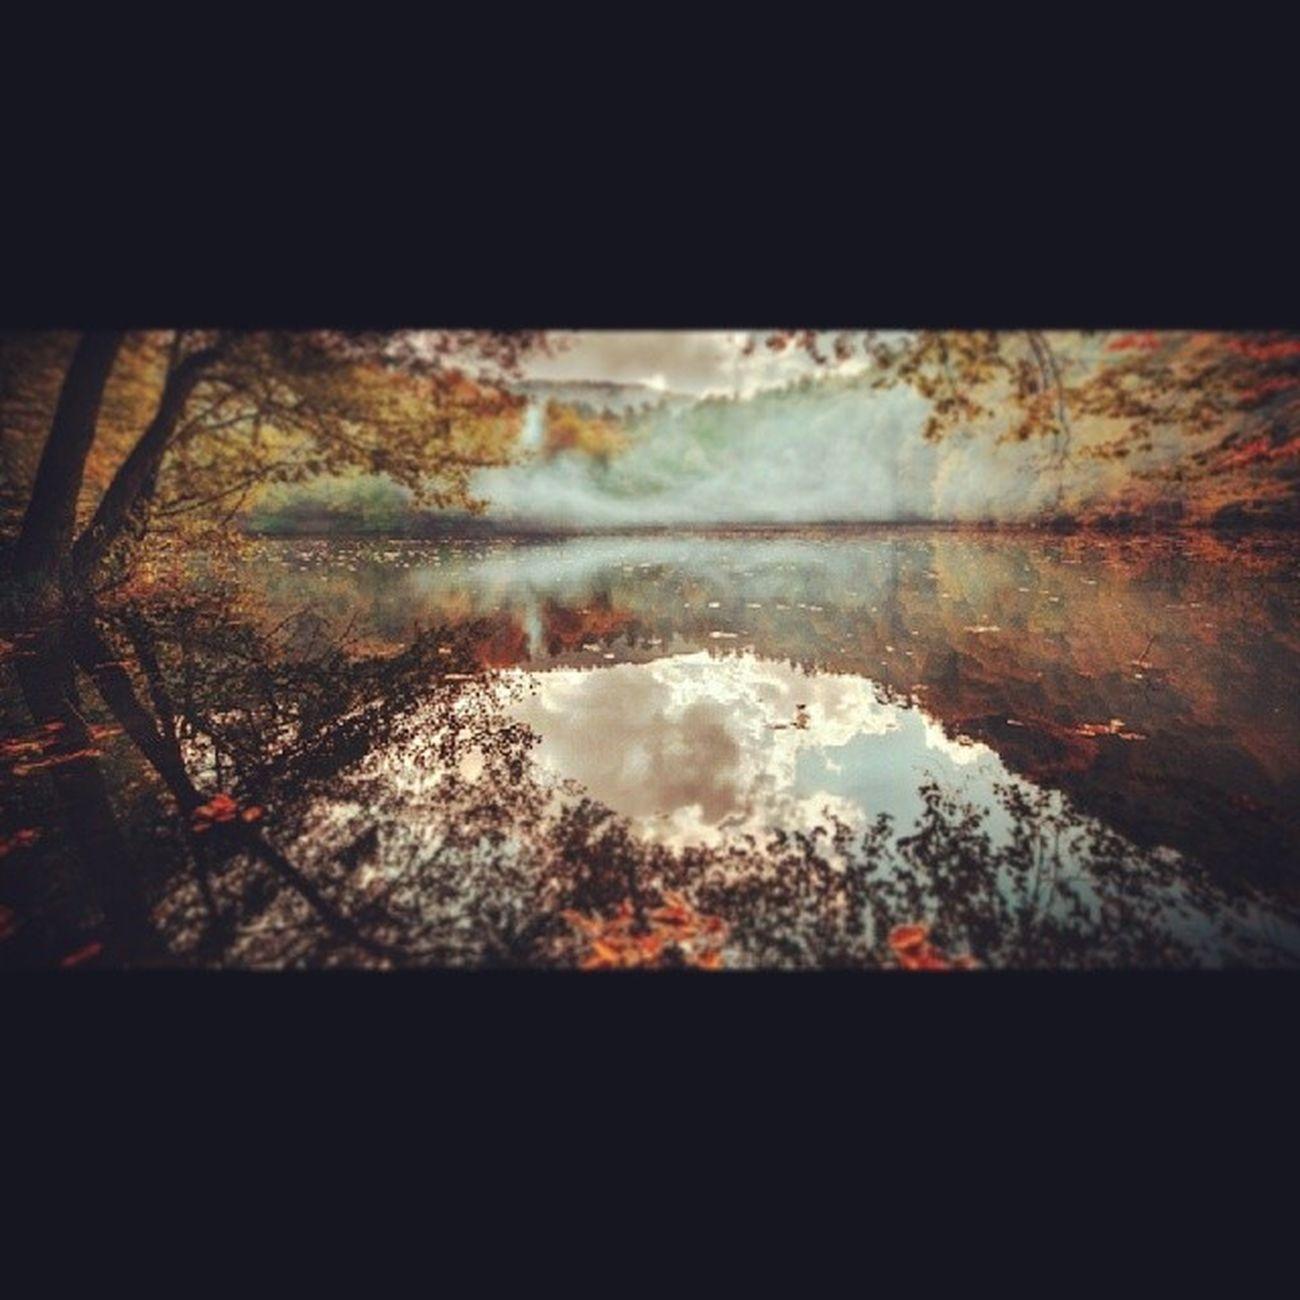 Hayatakarken Anıyakala Bolu  Yedig öller manzara landscape göl lake fog sis Turkey tree ağaç photographers_tr sonbahar auntum turkinstsgram aniyakala